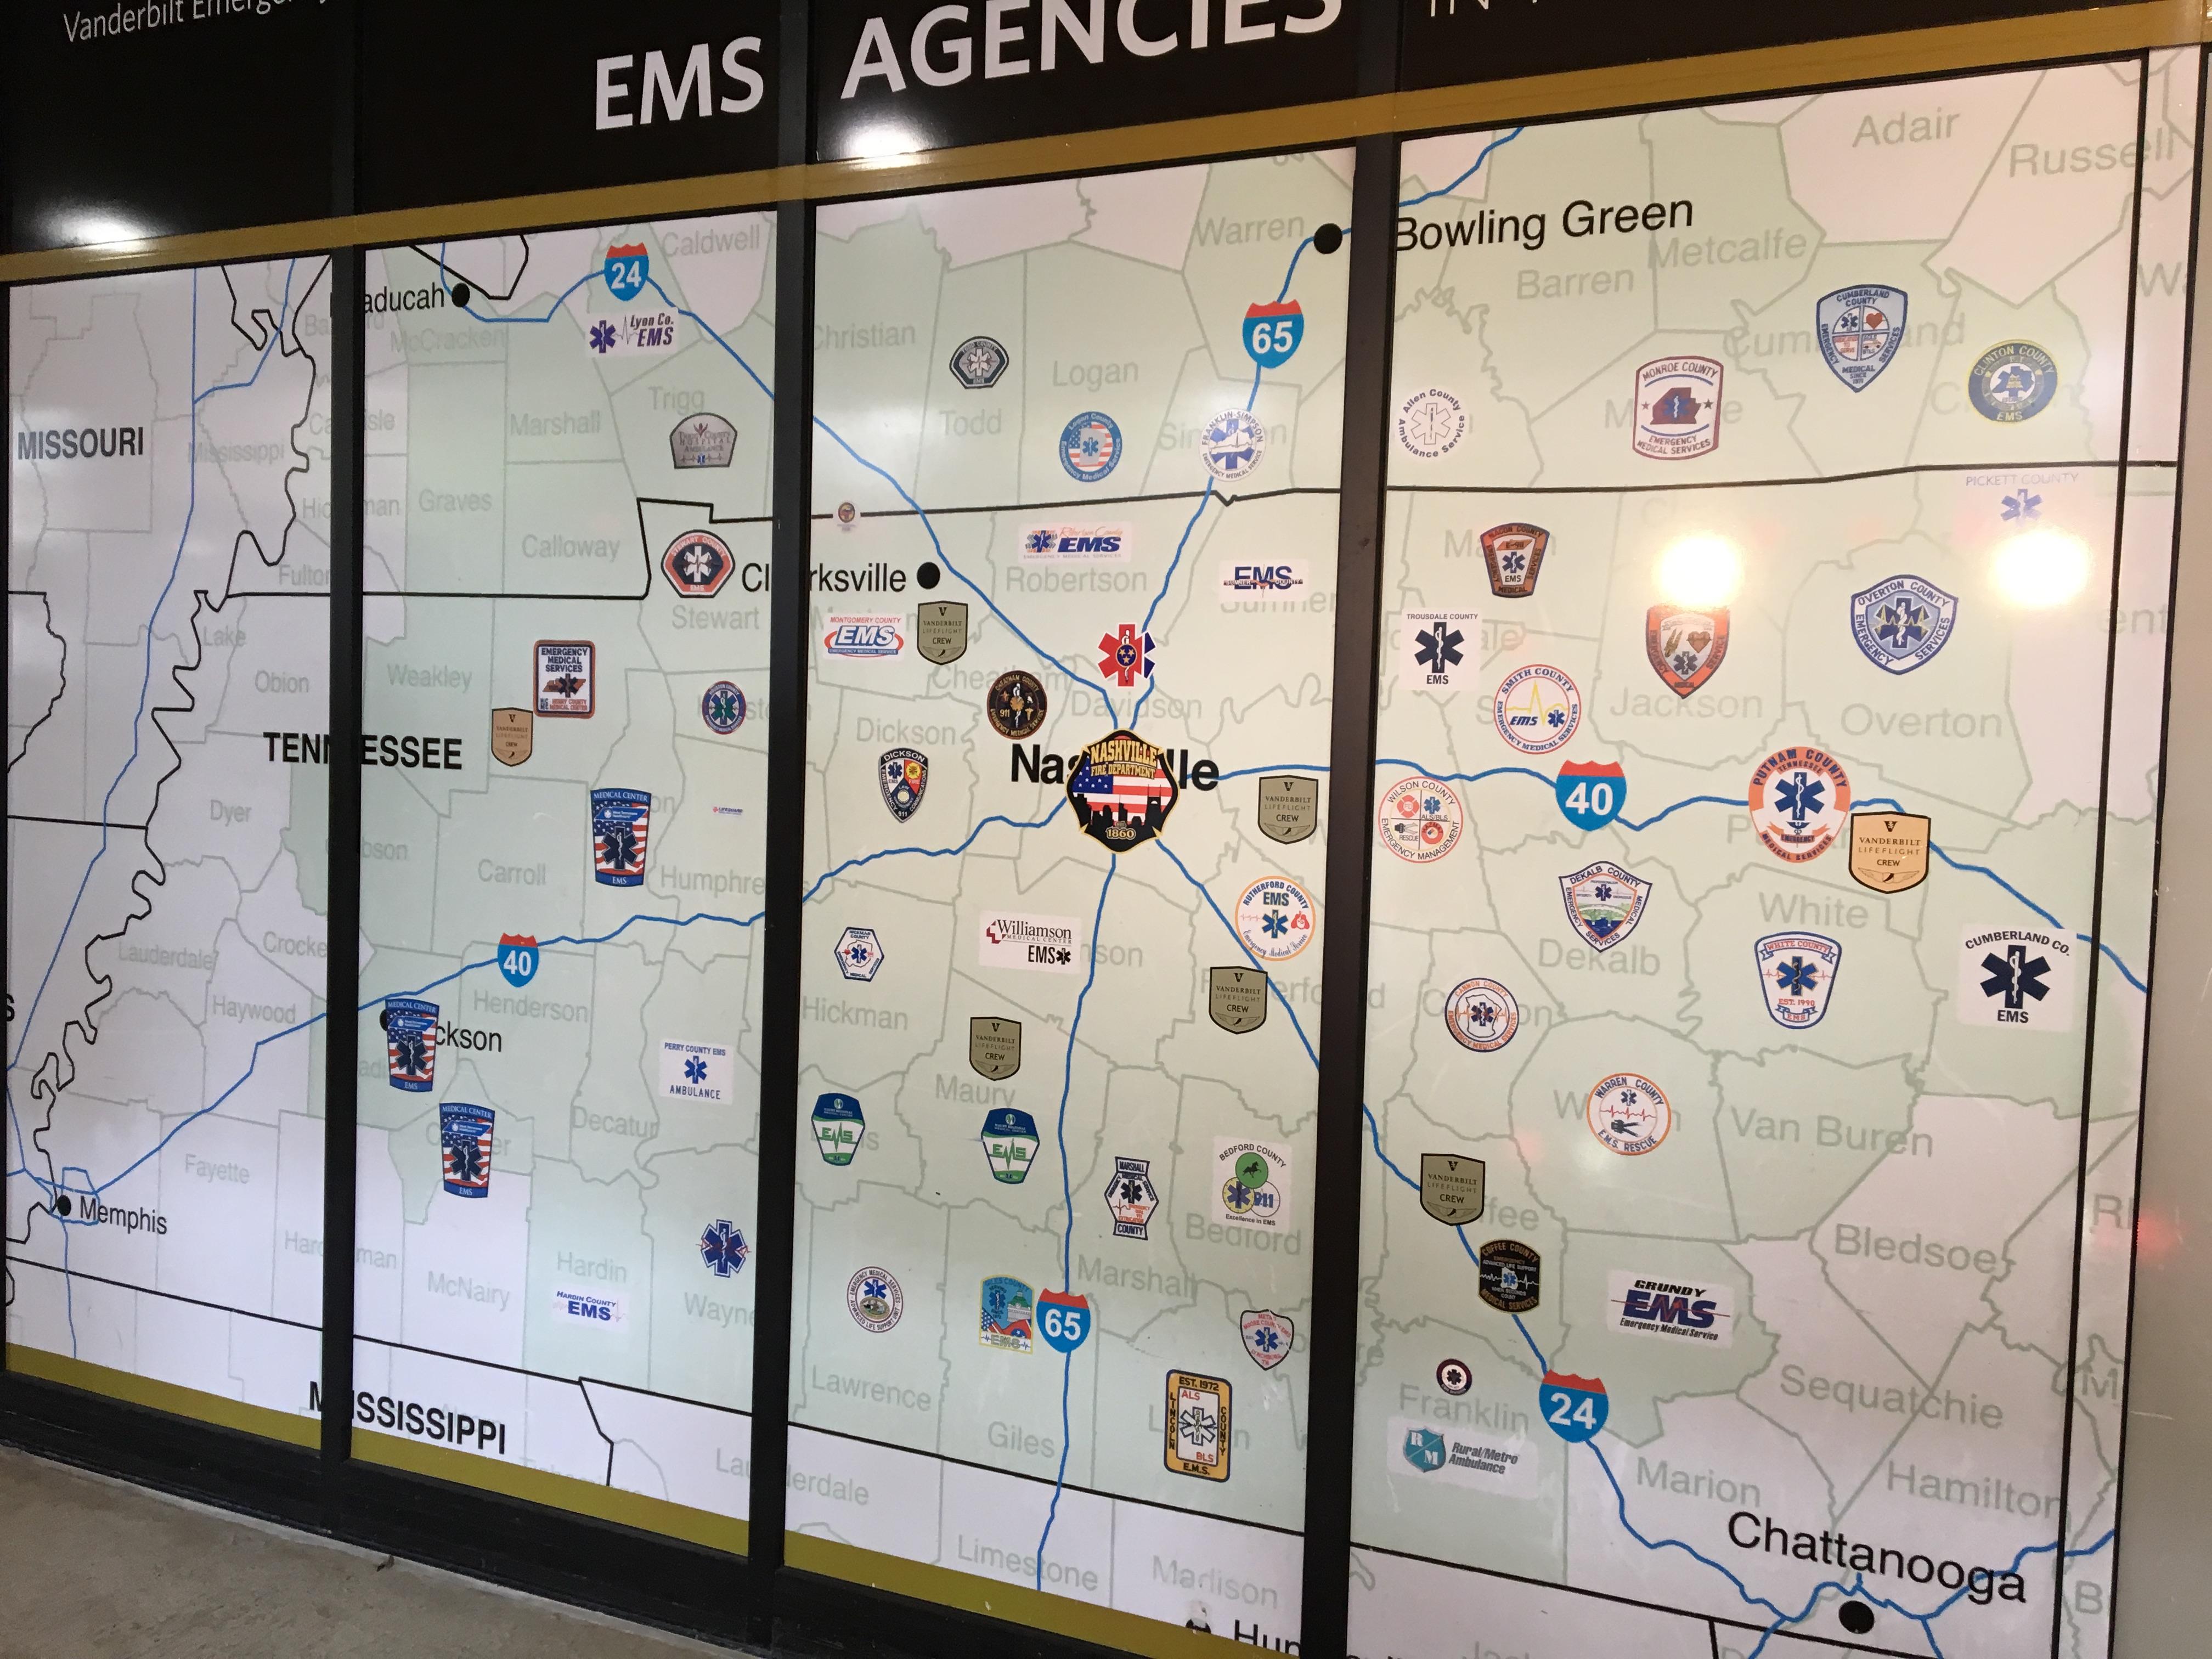 IMG 4397 Ambulancier : le site de référence Immersion chez les EMS Paramedic aux USA - Les images